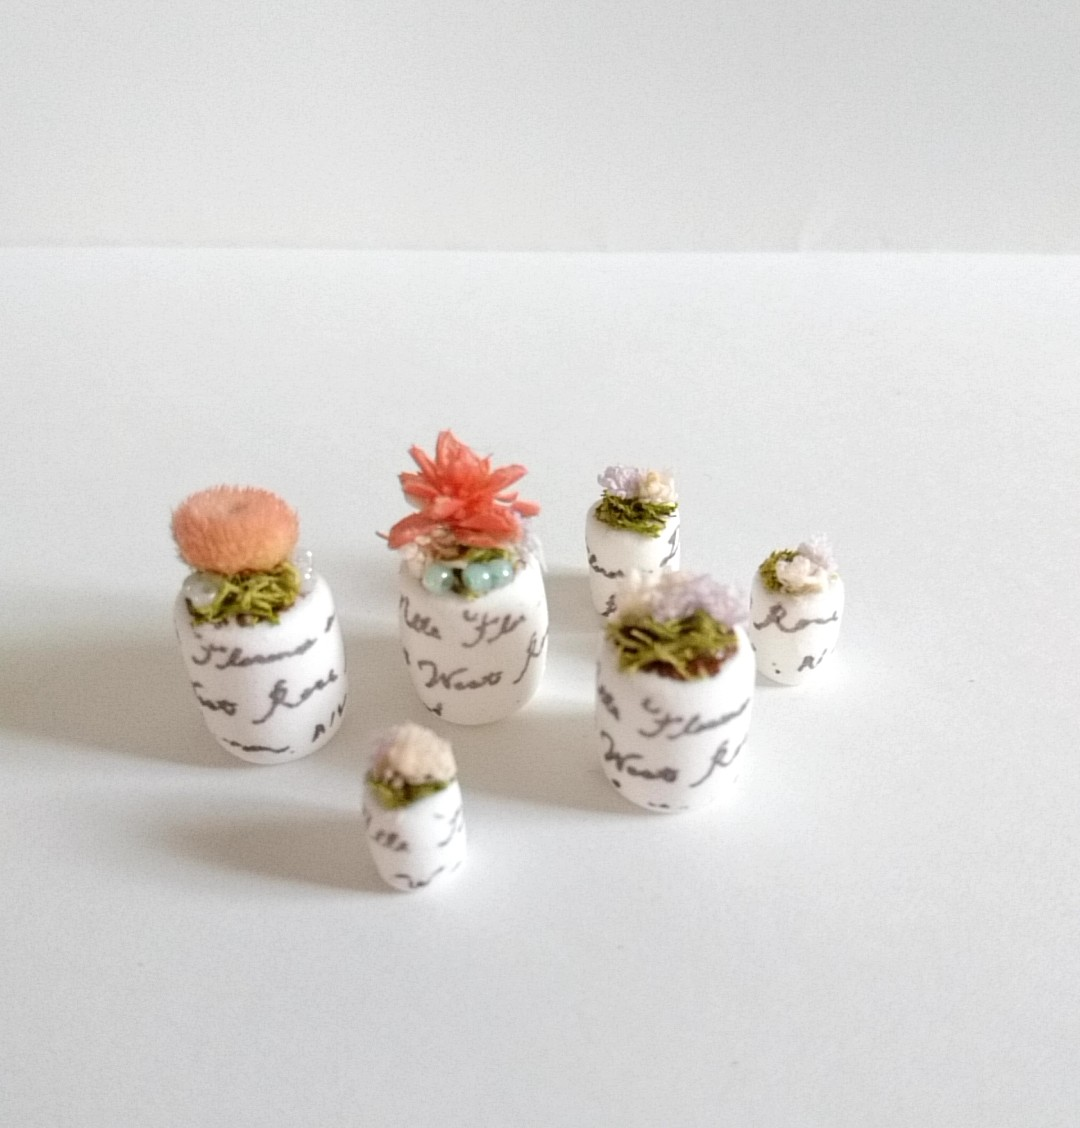 画像2: ミニチュア植物、6点セット